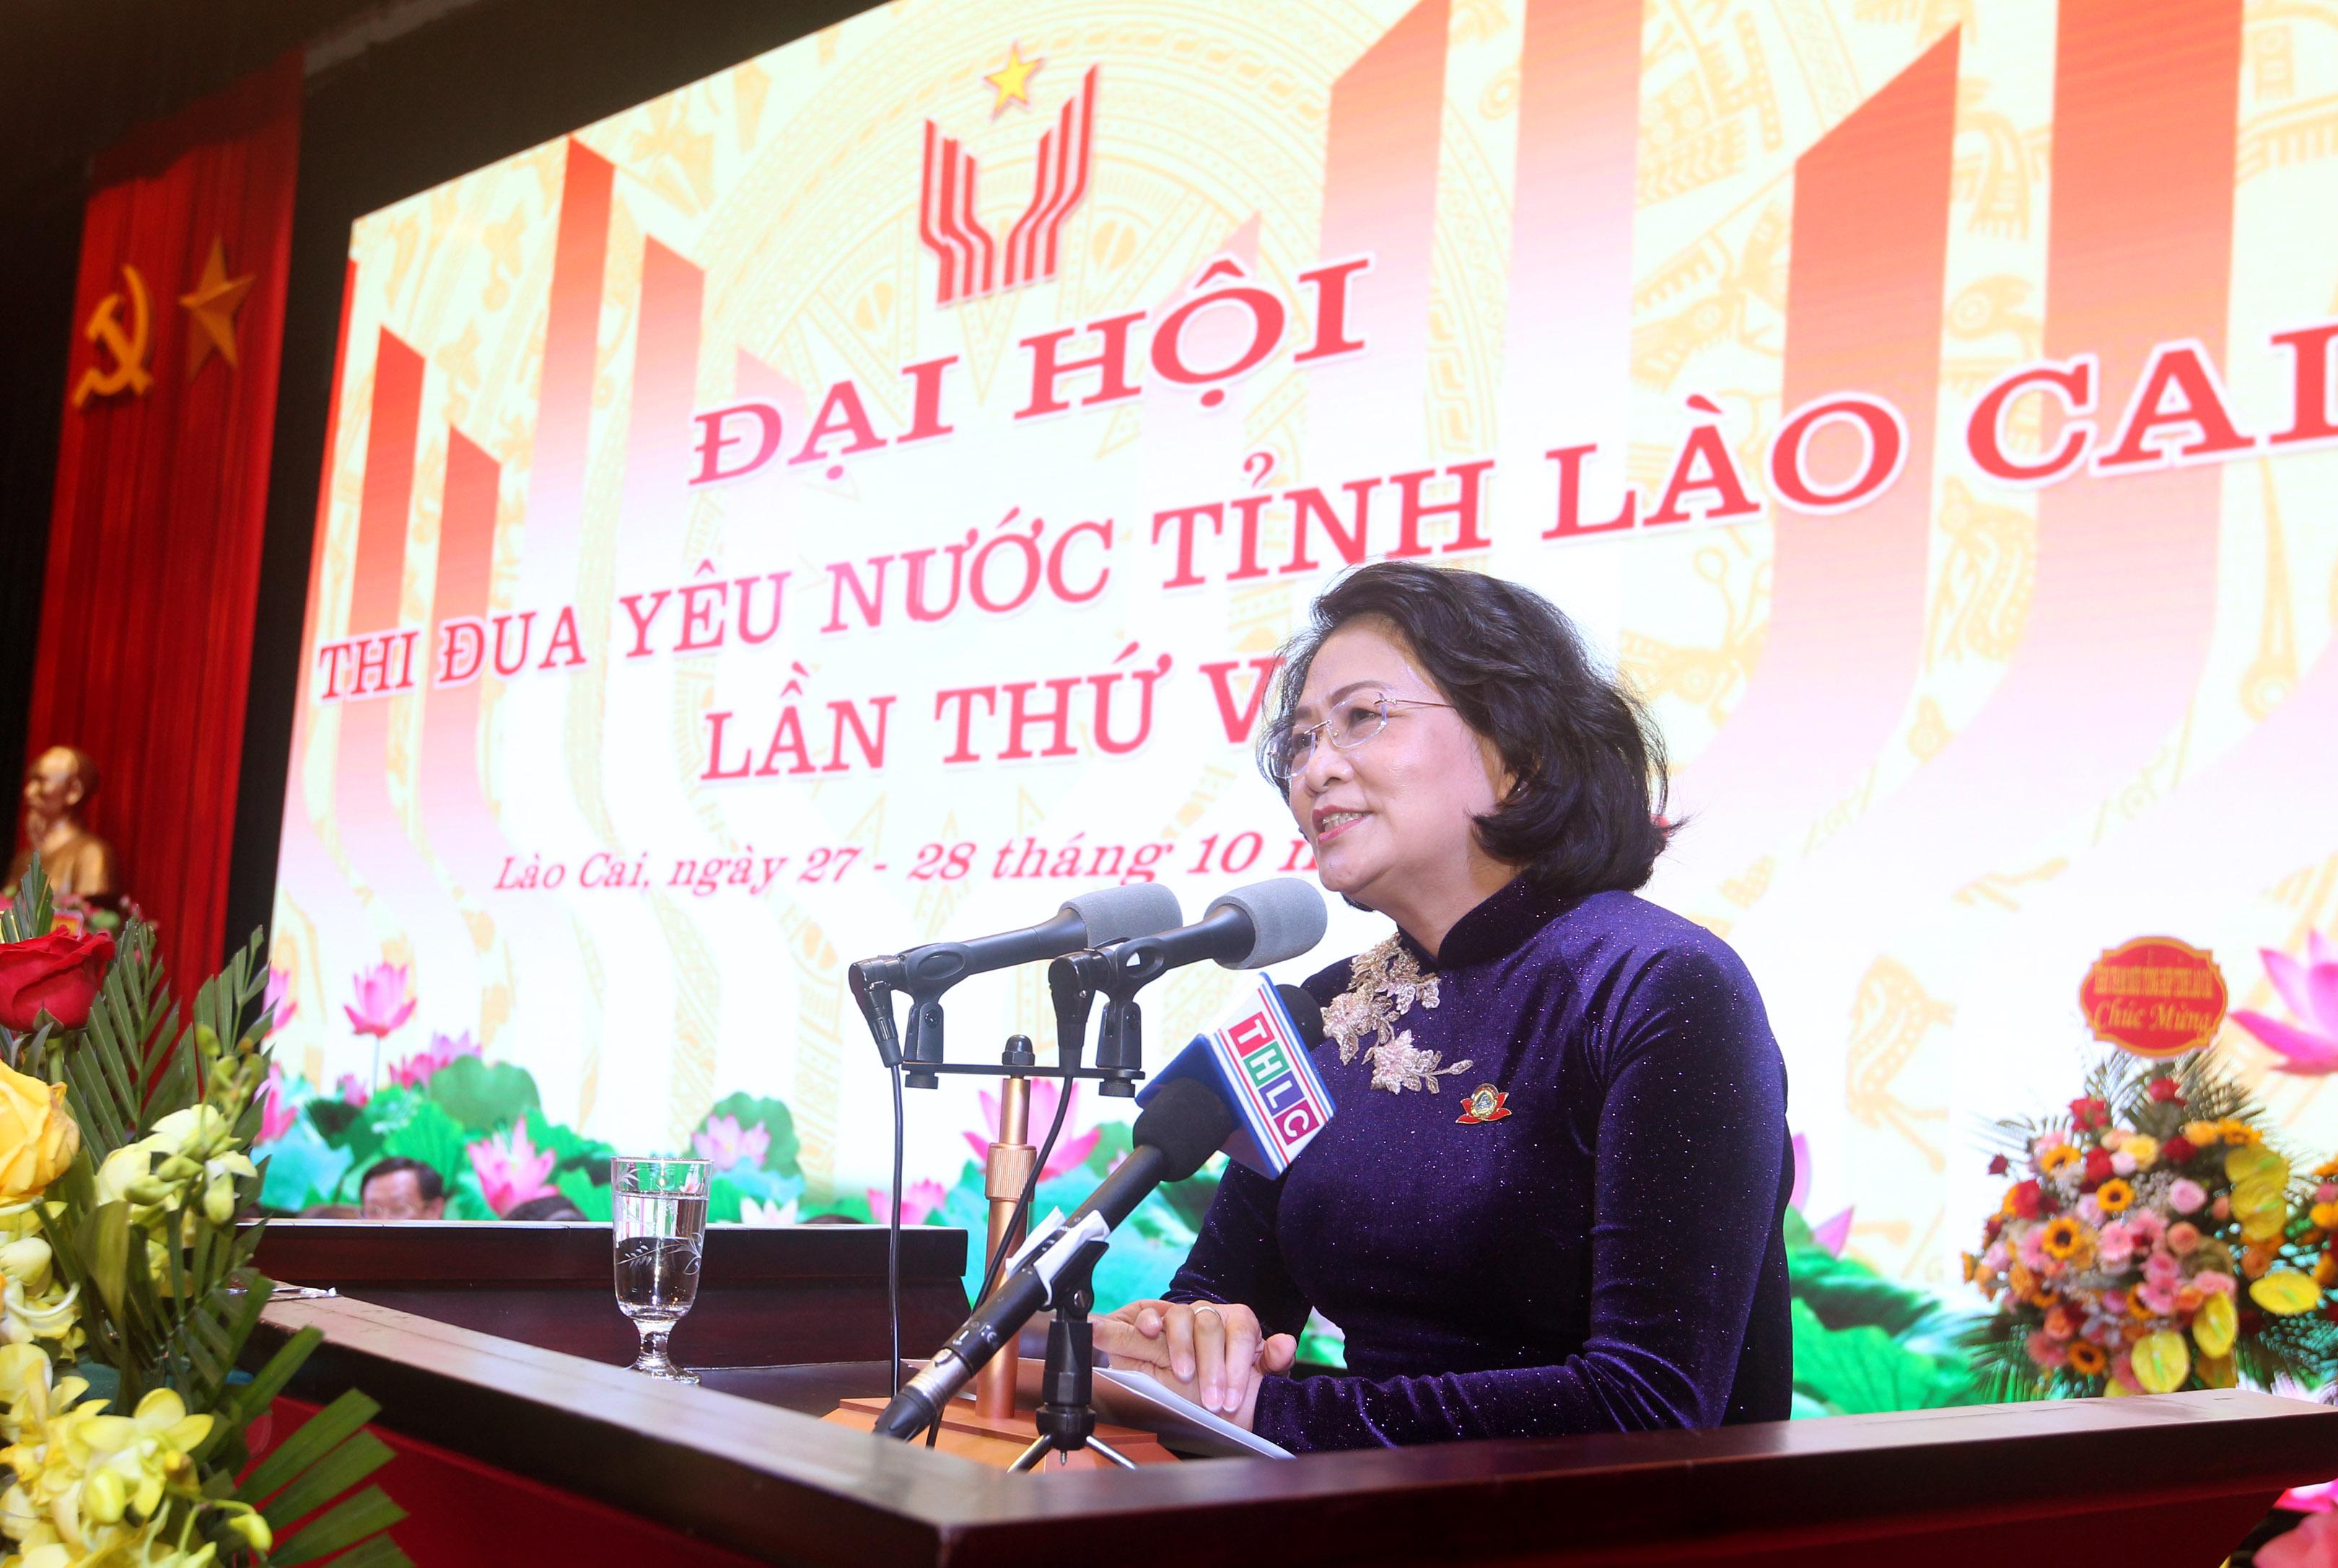 Phó Chủ tịch nước Đặng Thị Ngọc Thịnh phát biểu tại Đại hội Thi đua yêu nước tỉnh Lào Cai lần thứ V